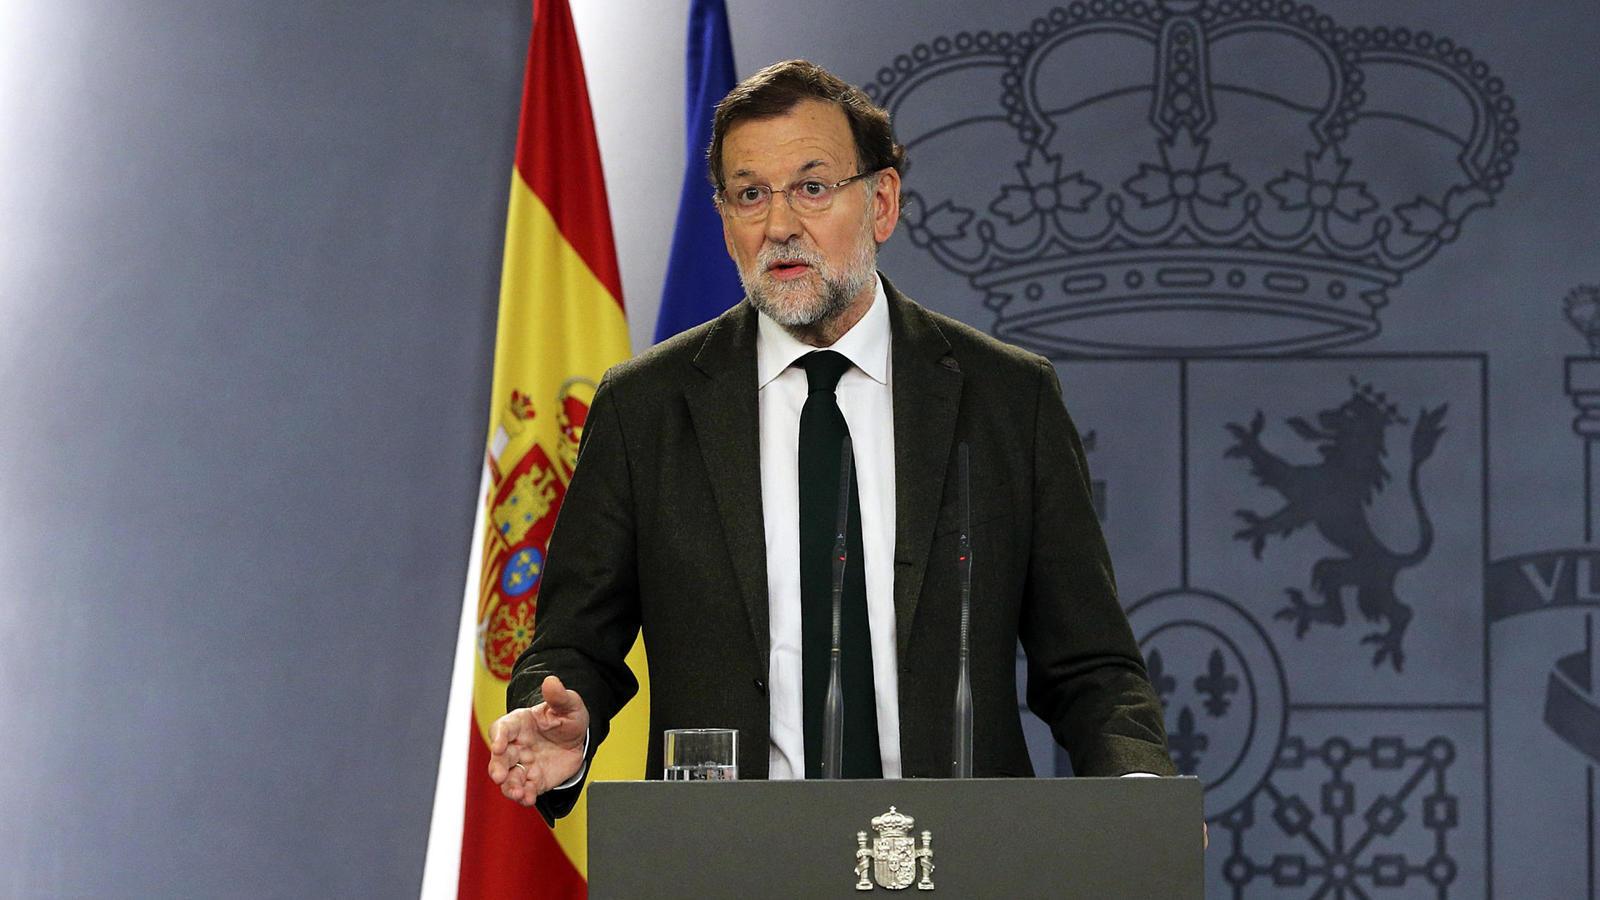 'Procedemos al cese del presidente, vicepresidente y consejeros del Govern catalán. Los ministerios asumirán las funciones'